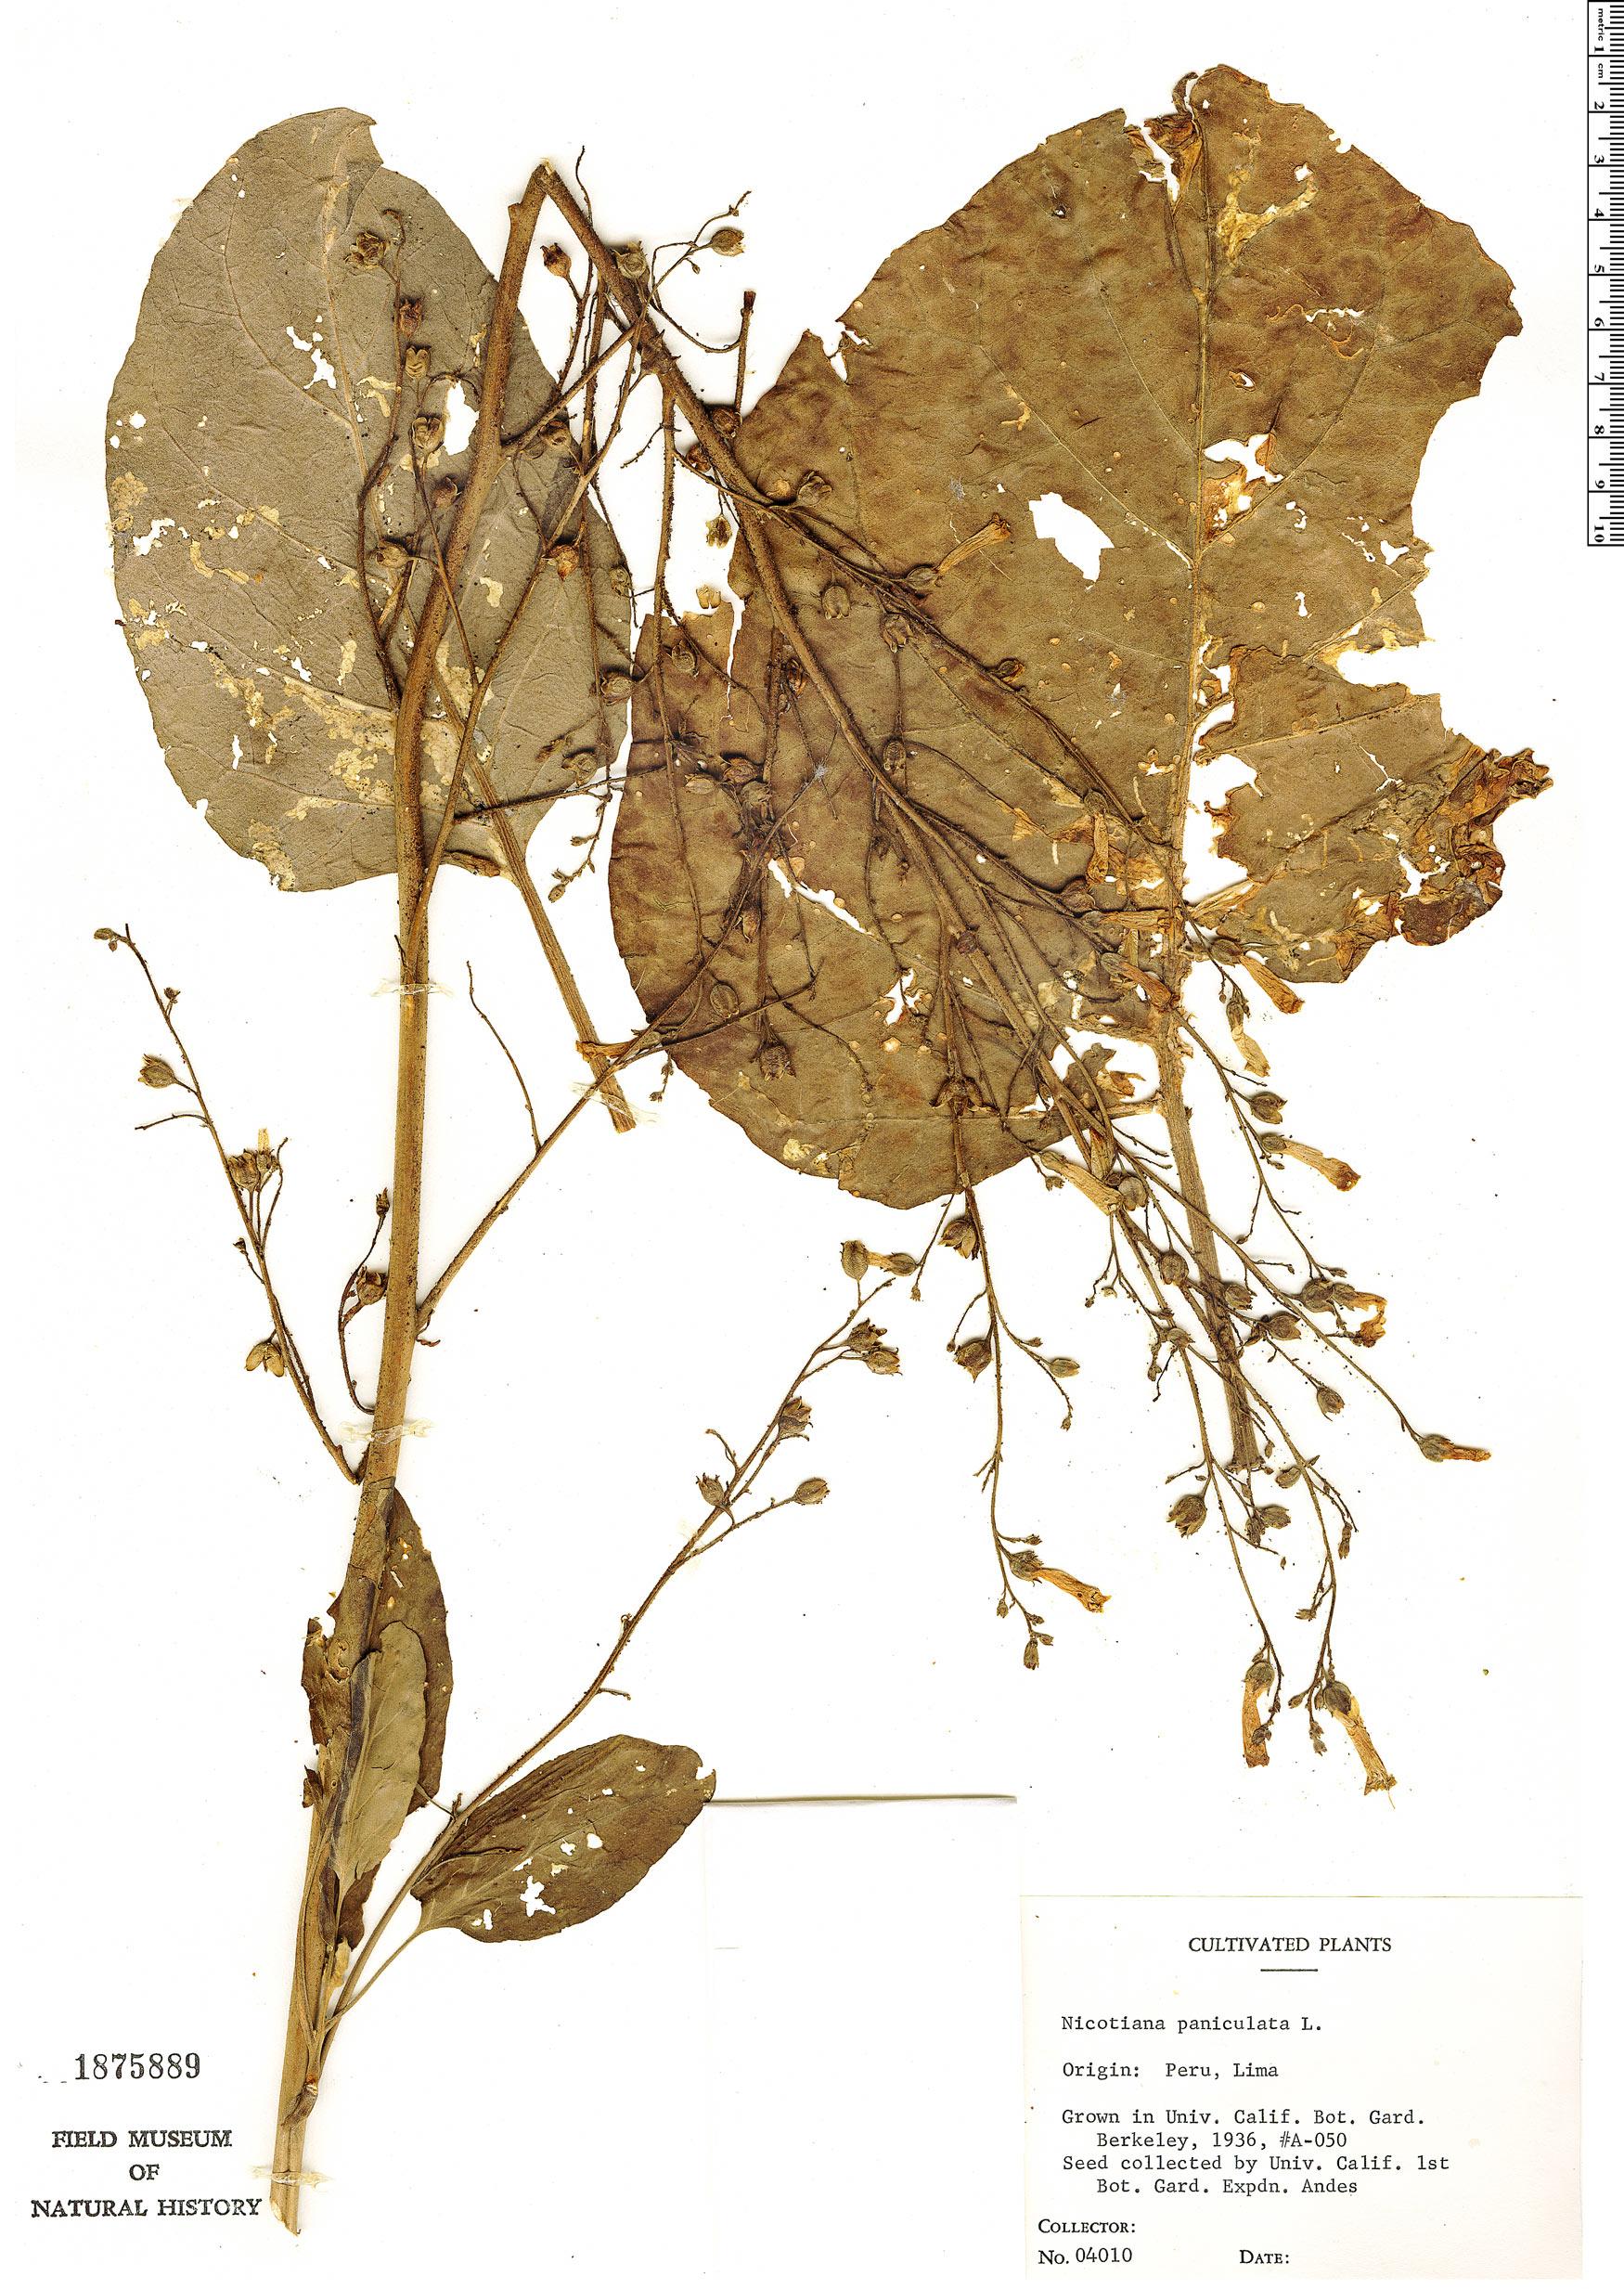 Specimen: Nicotiana paniculata